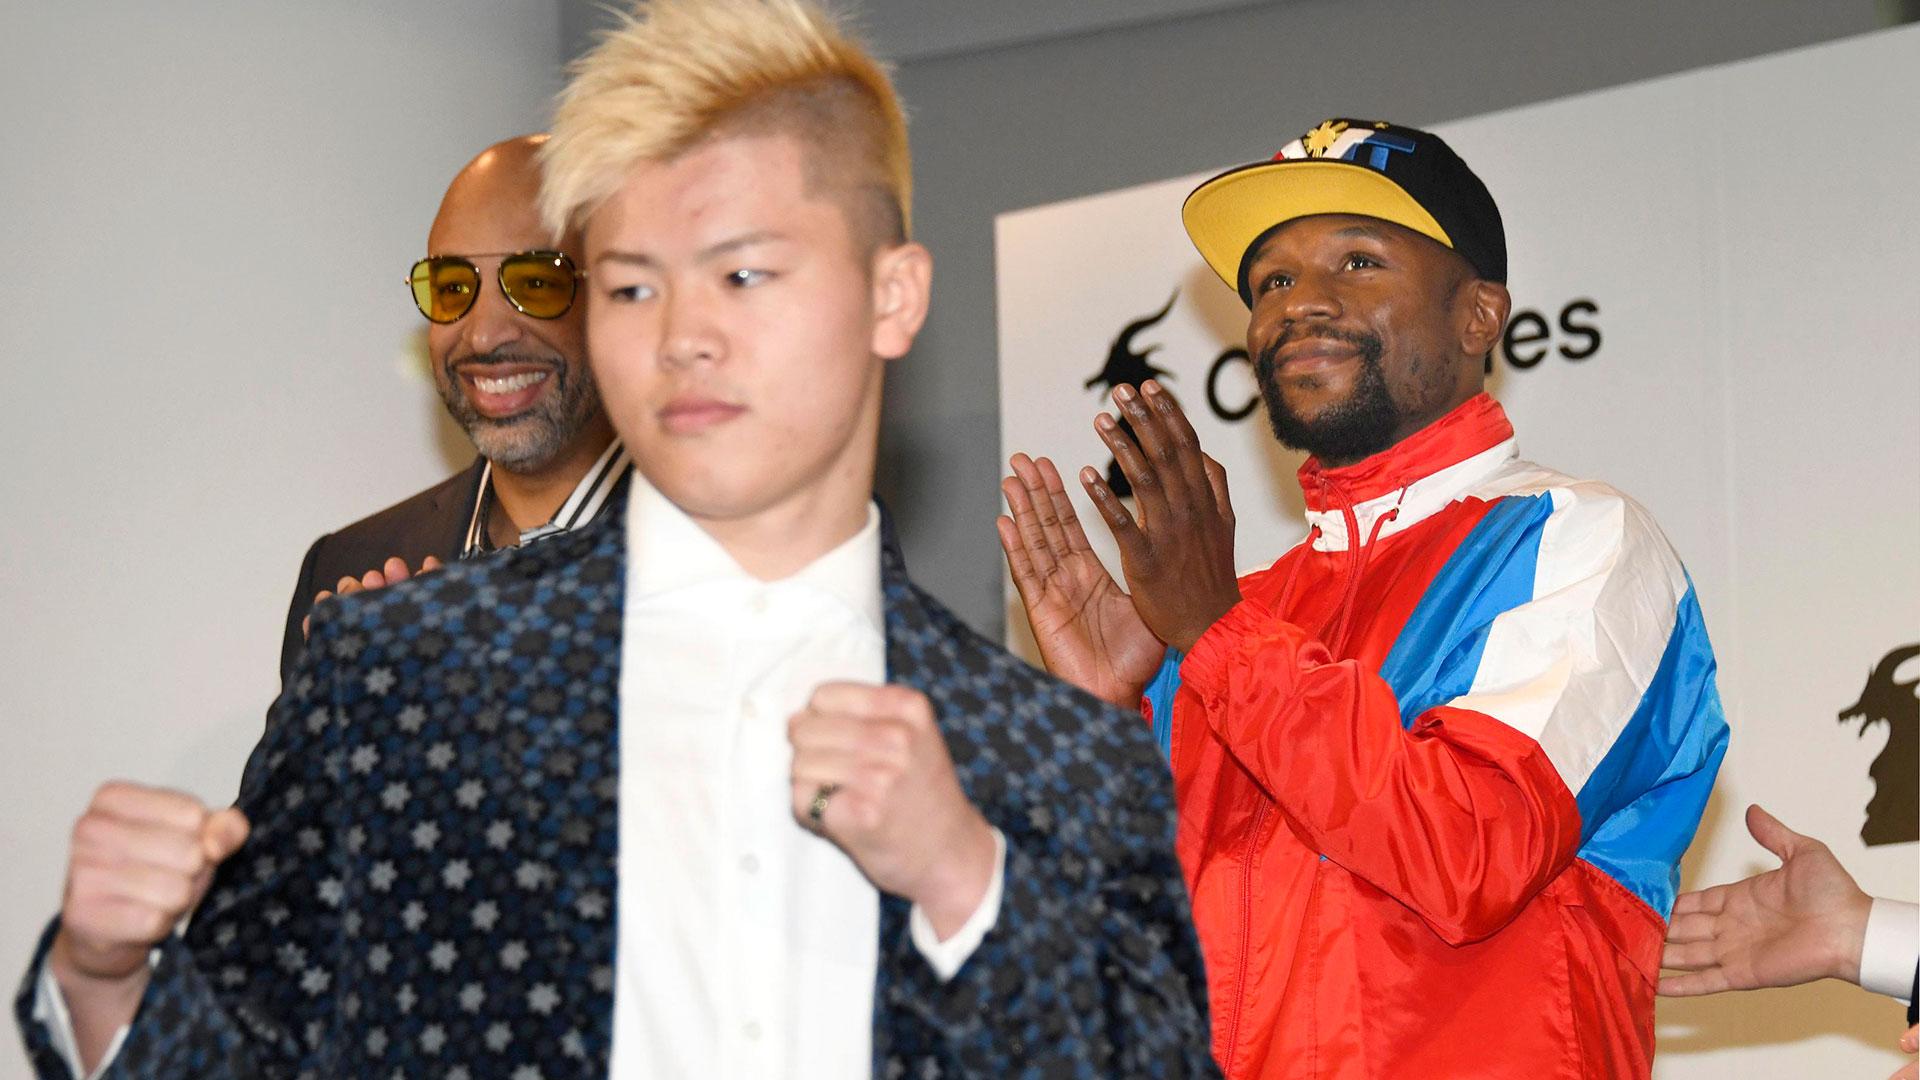 El japonés Tenshin Nasukawa prometió vengar la derrota de McGregor (AP)